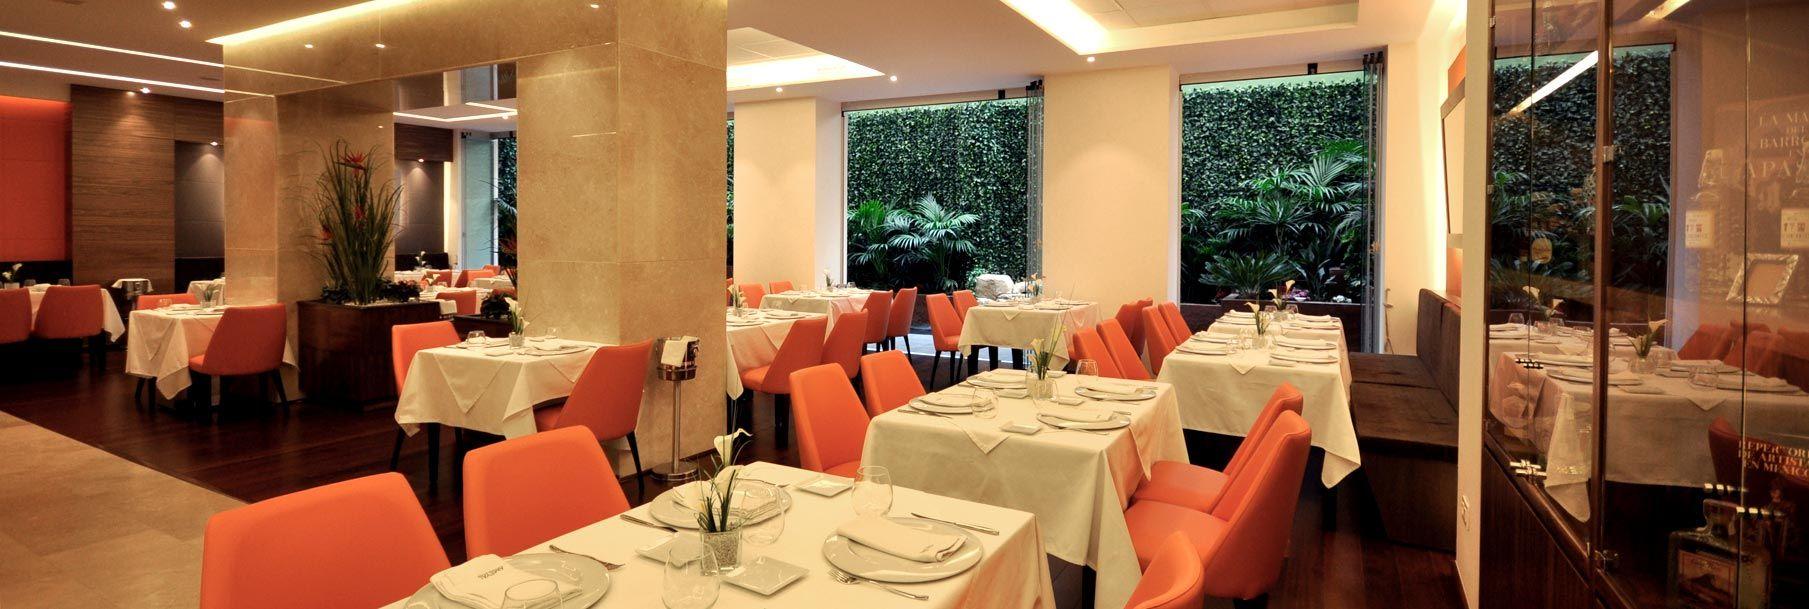 Restaurante ameyal